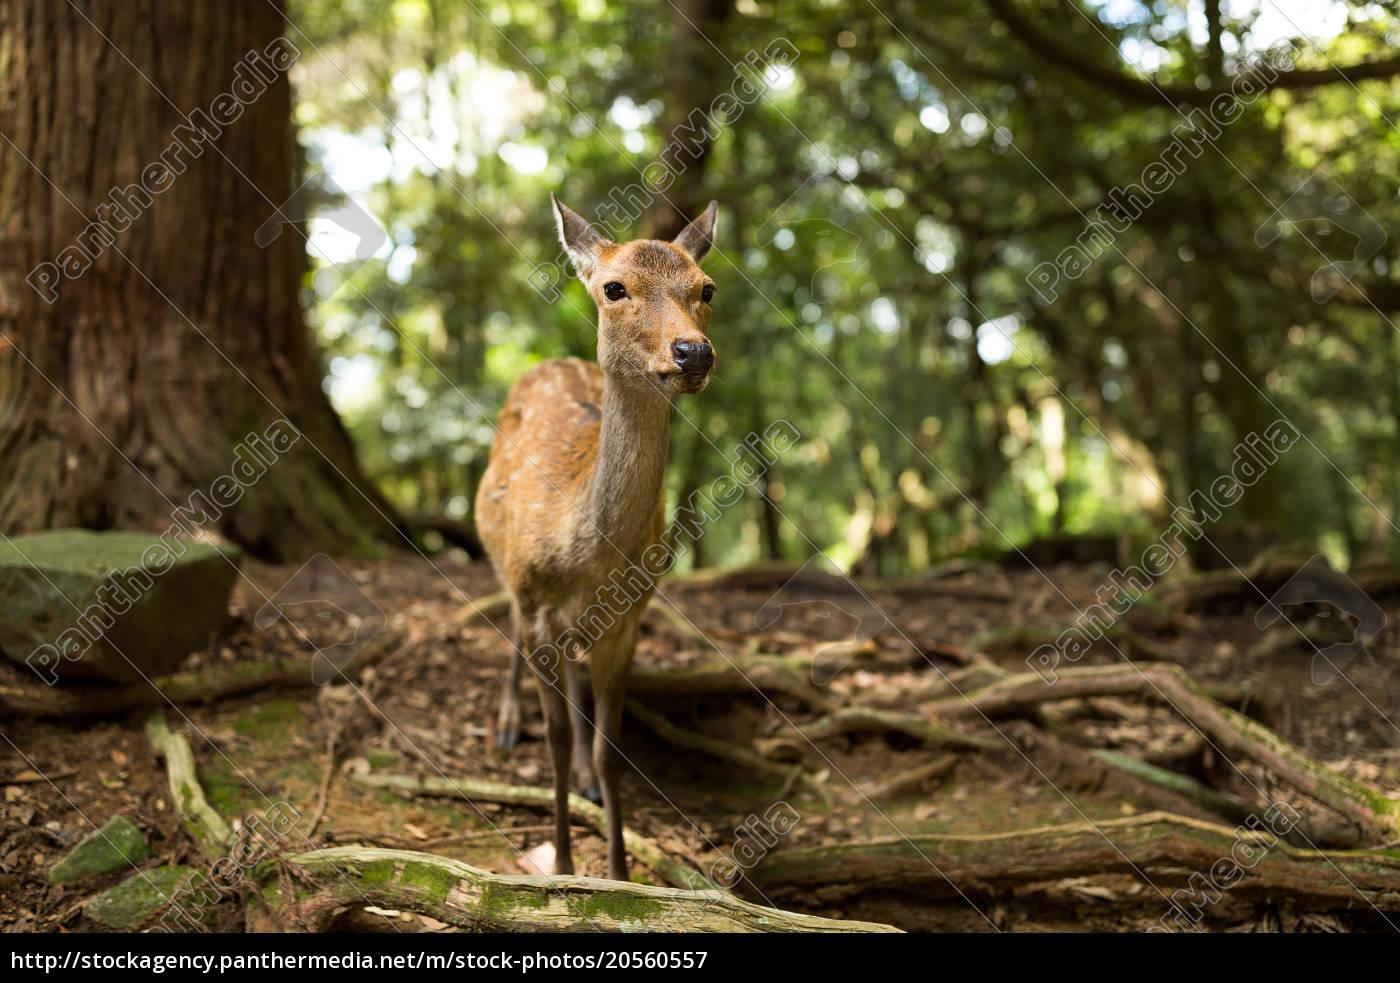 wild, deer - 20560557